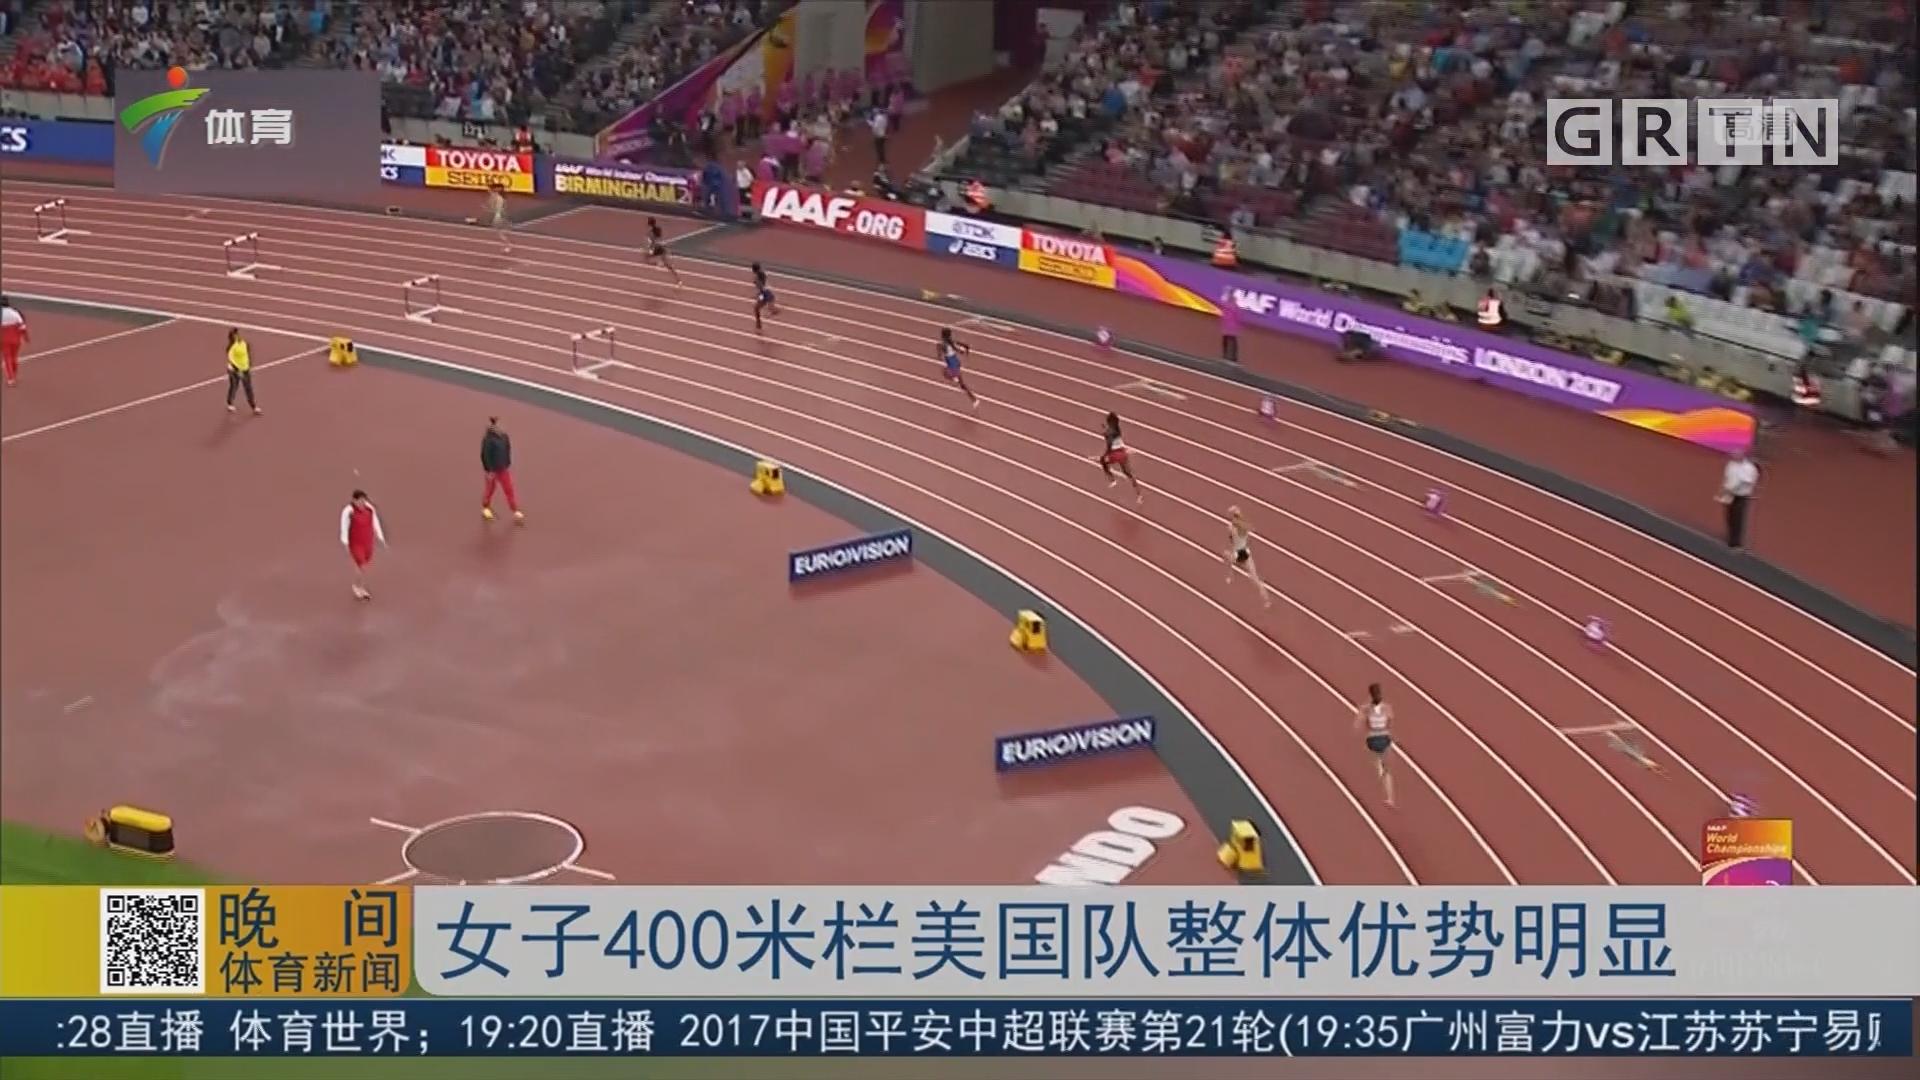 女子400米栏美国队整体优势明显